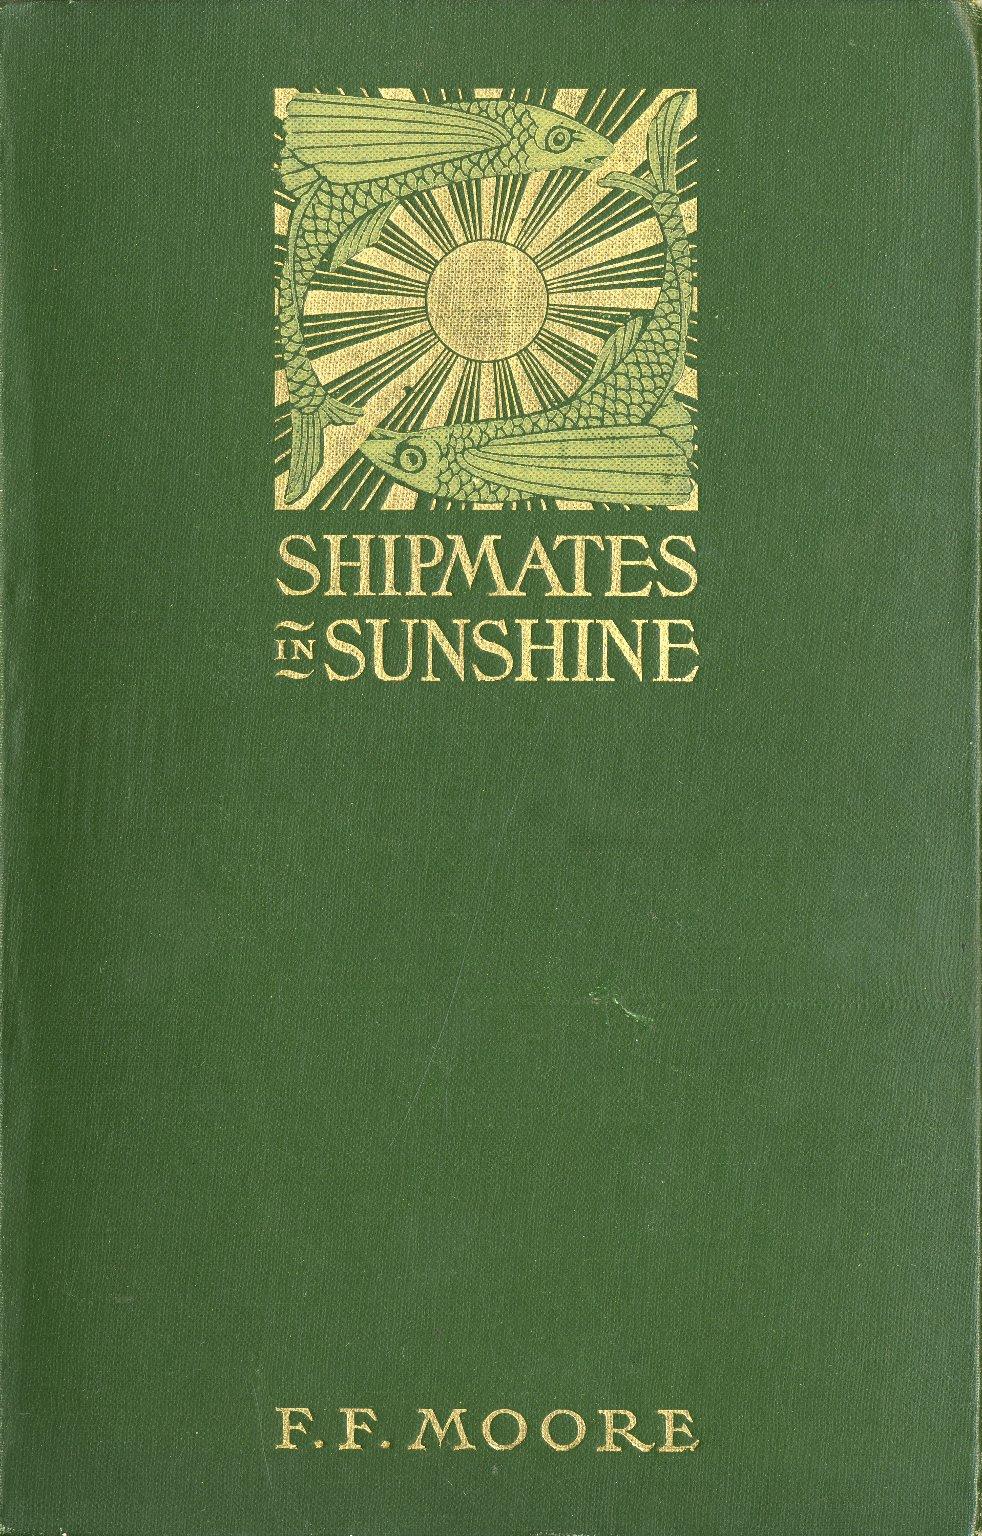 Shipmates in sunshine